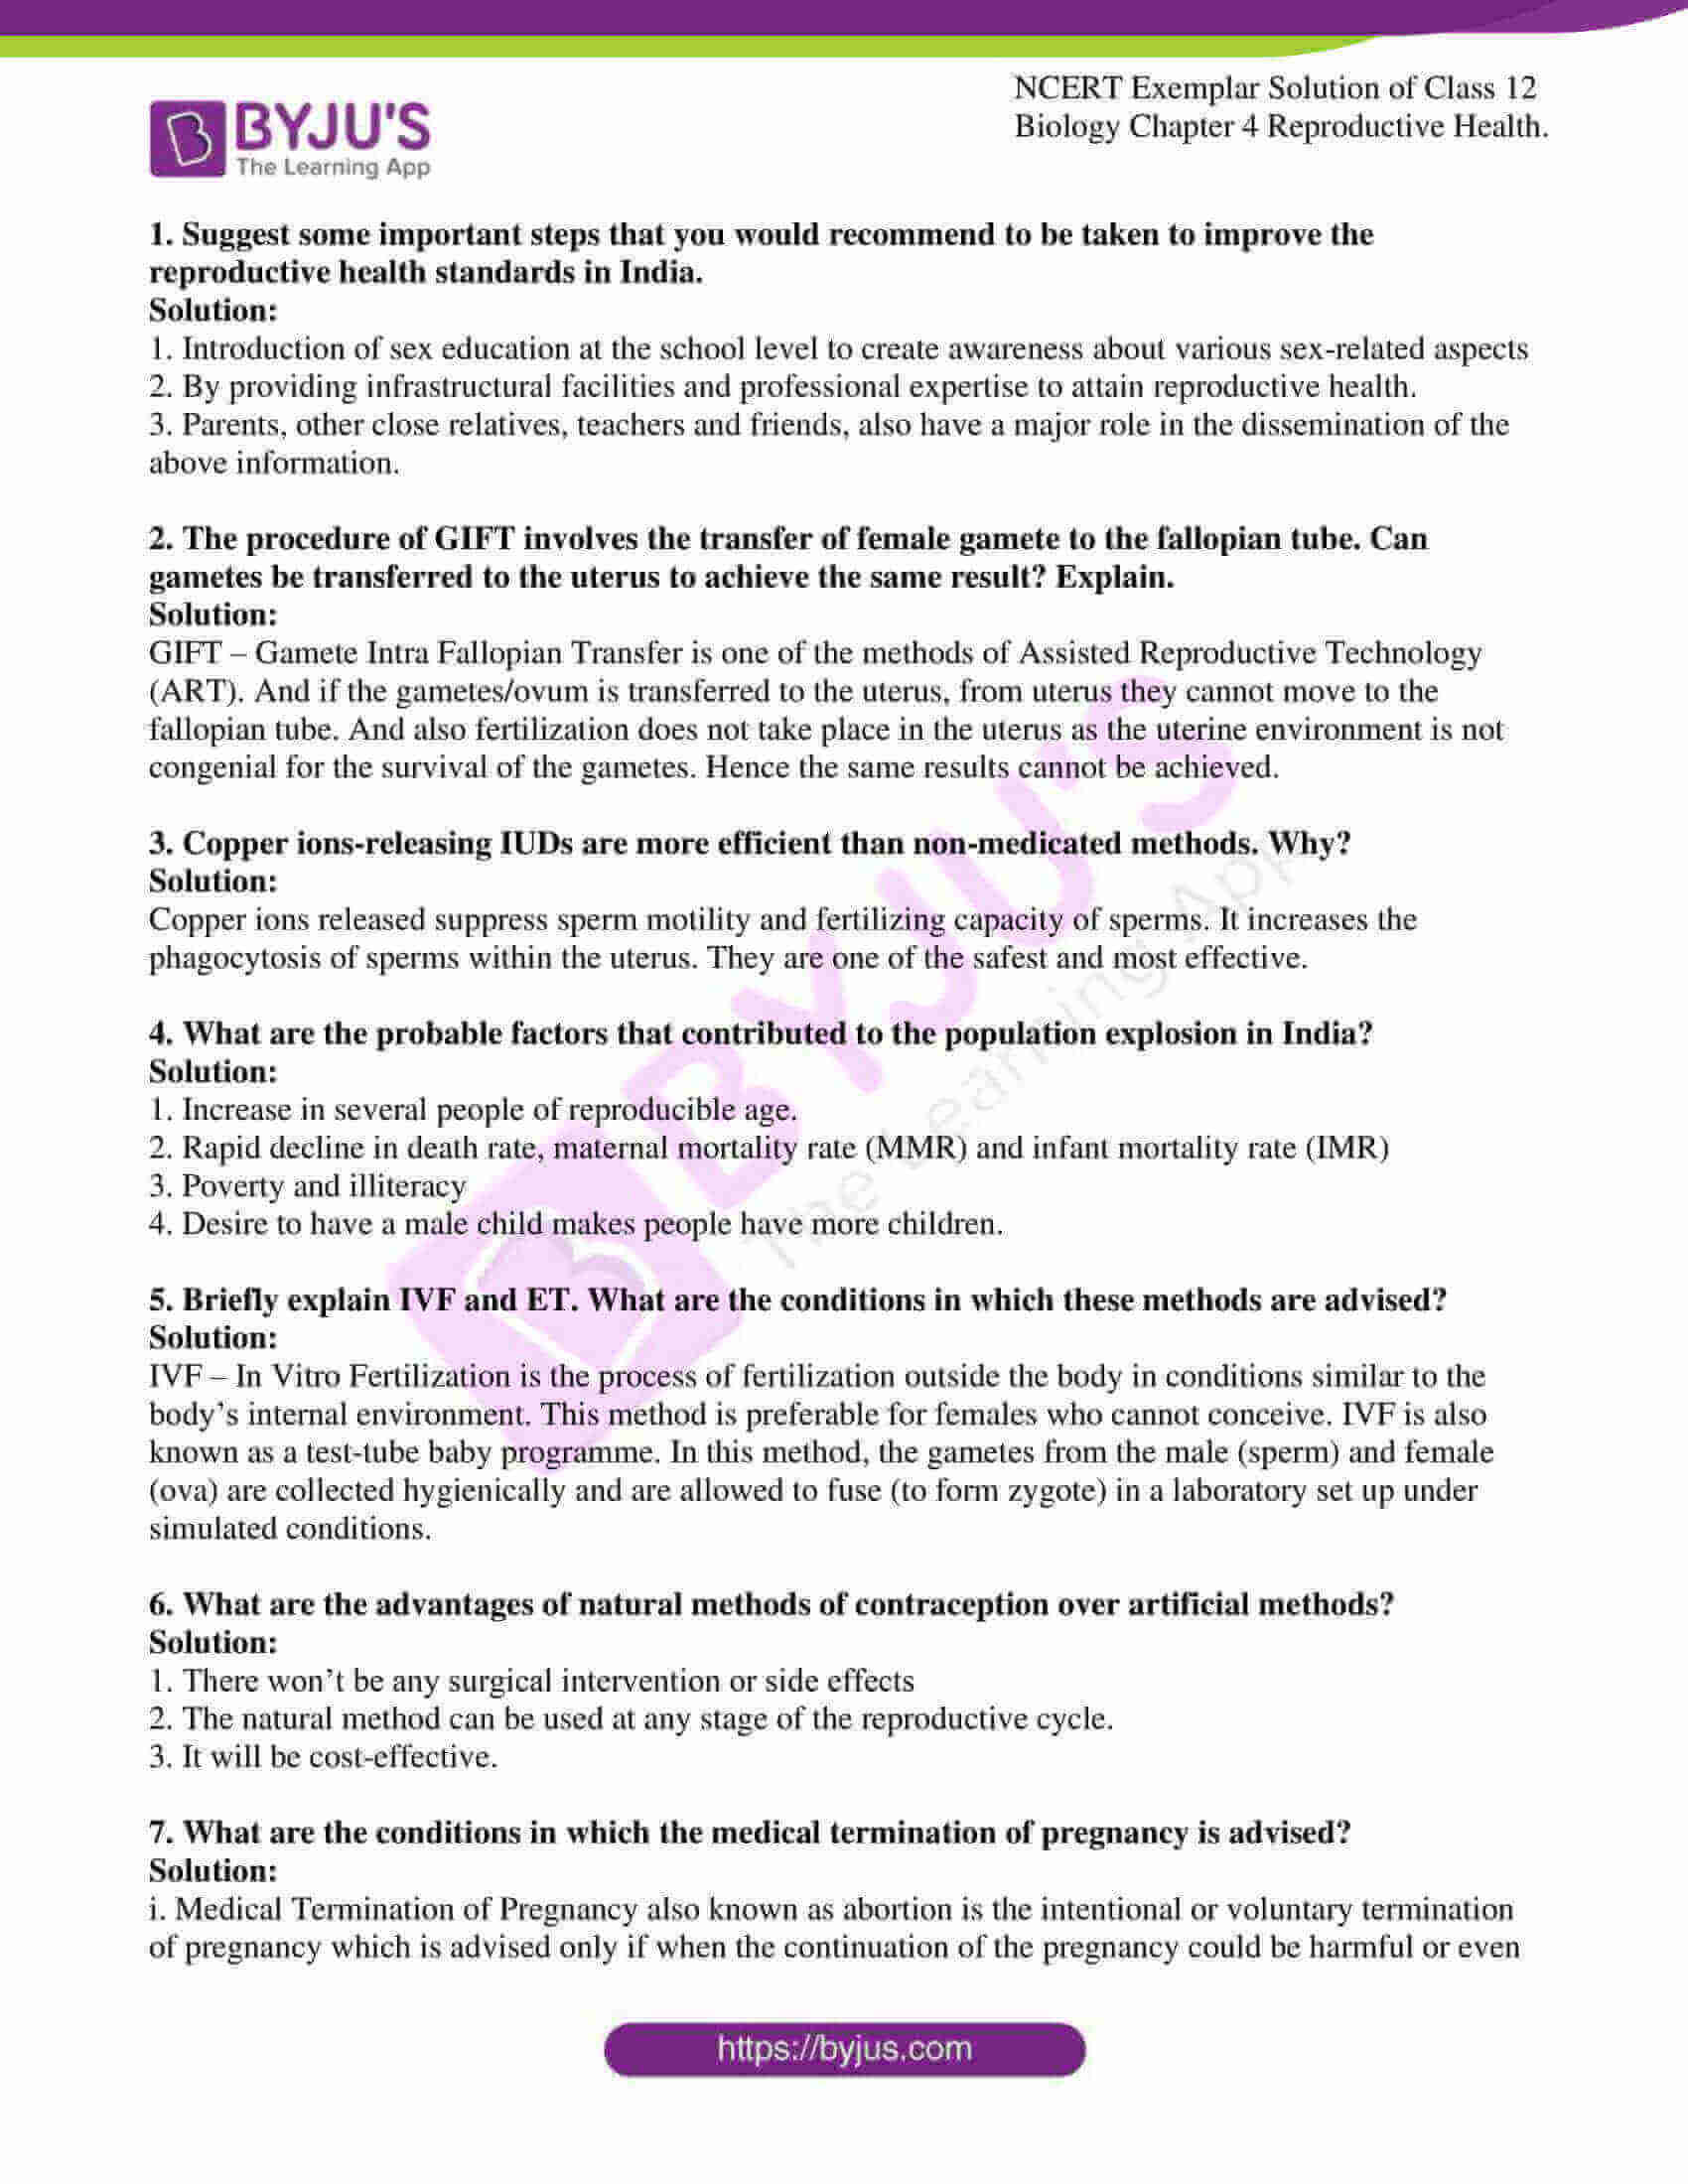 ncert exemplar solution of class 12 biology chapter 4 5